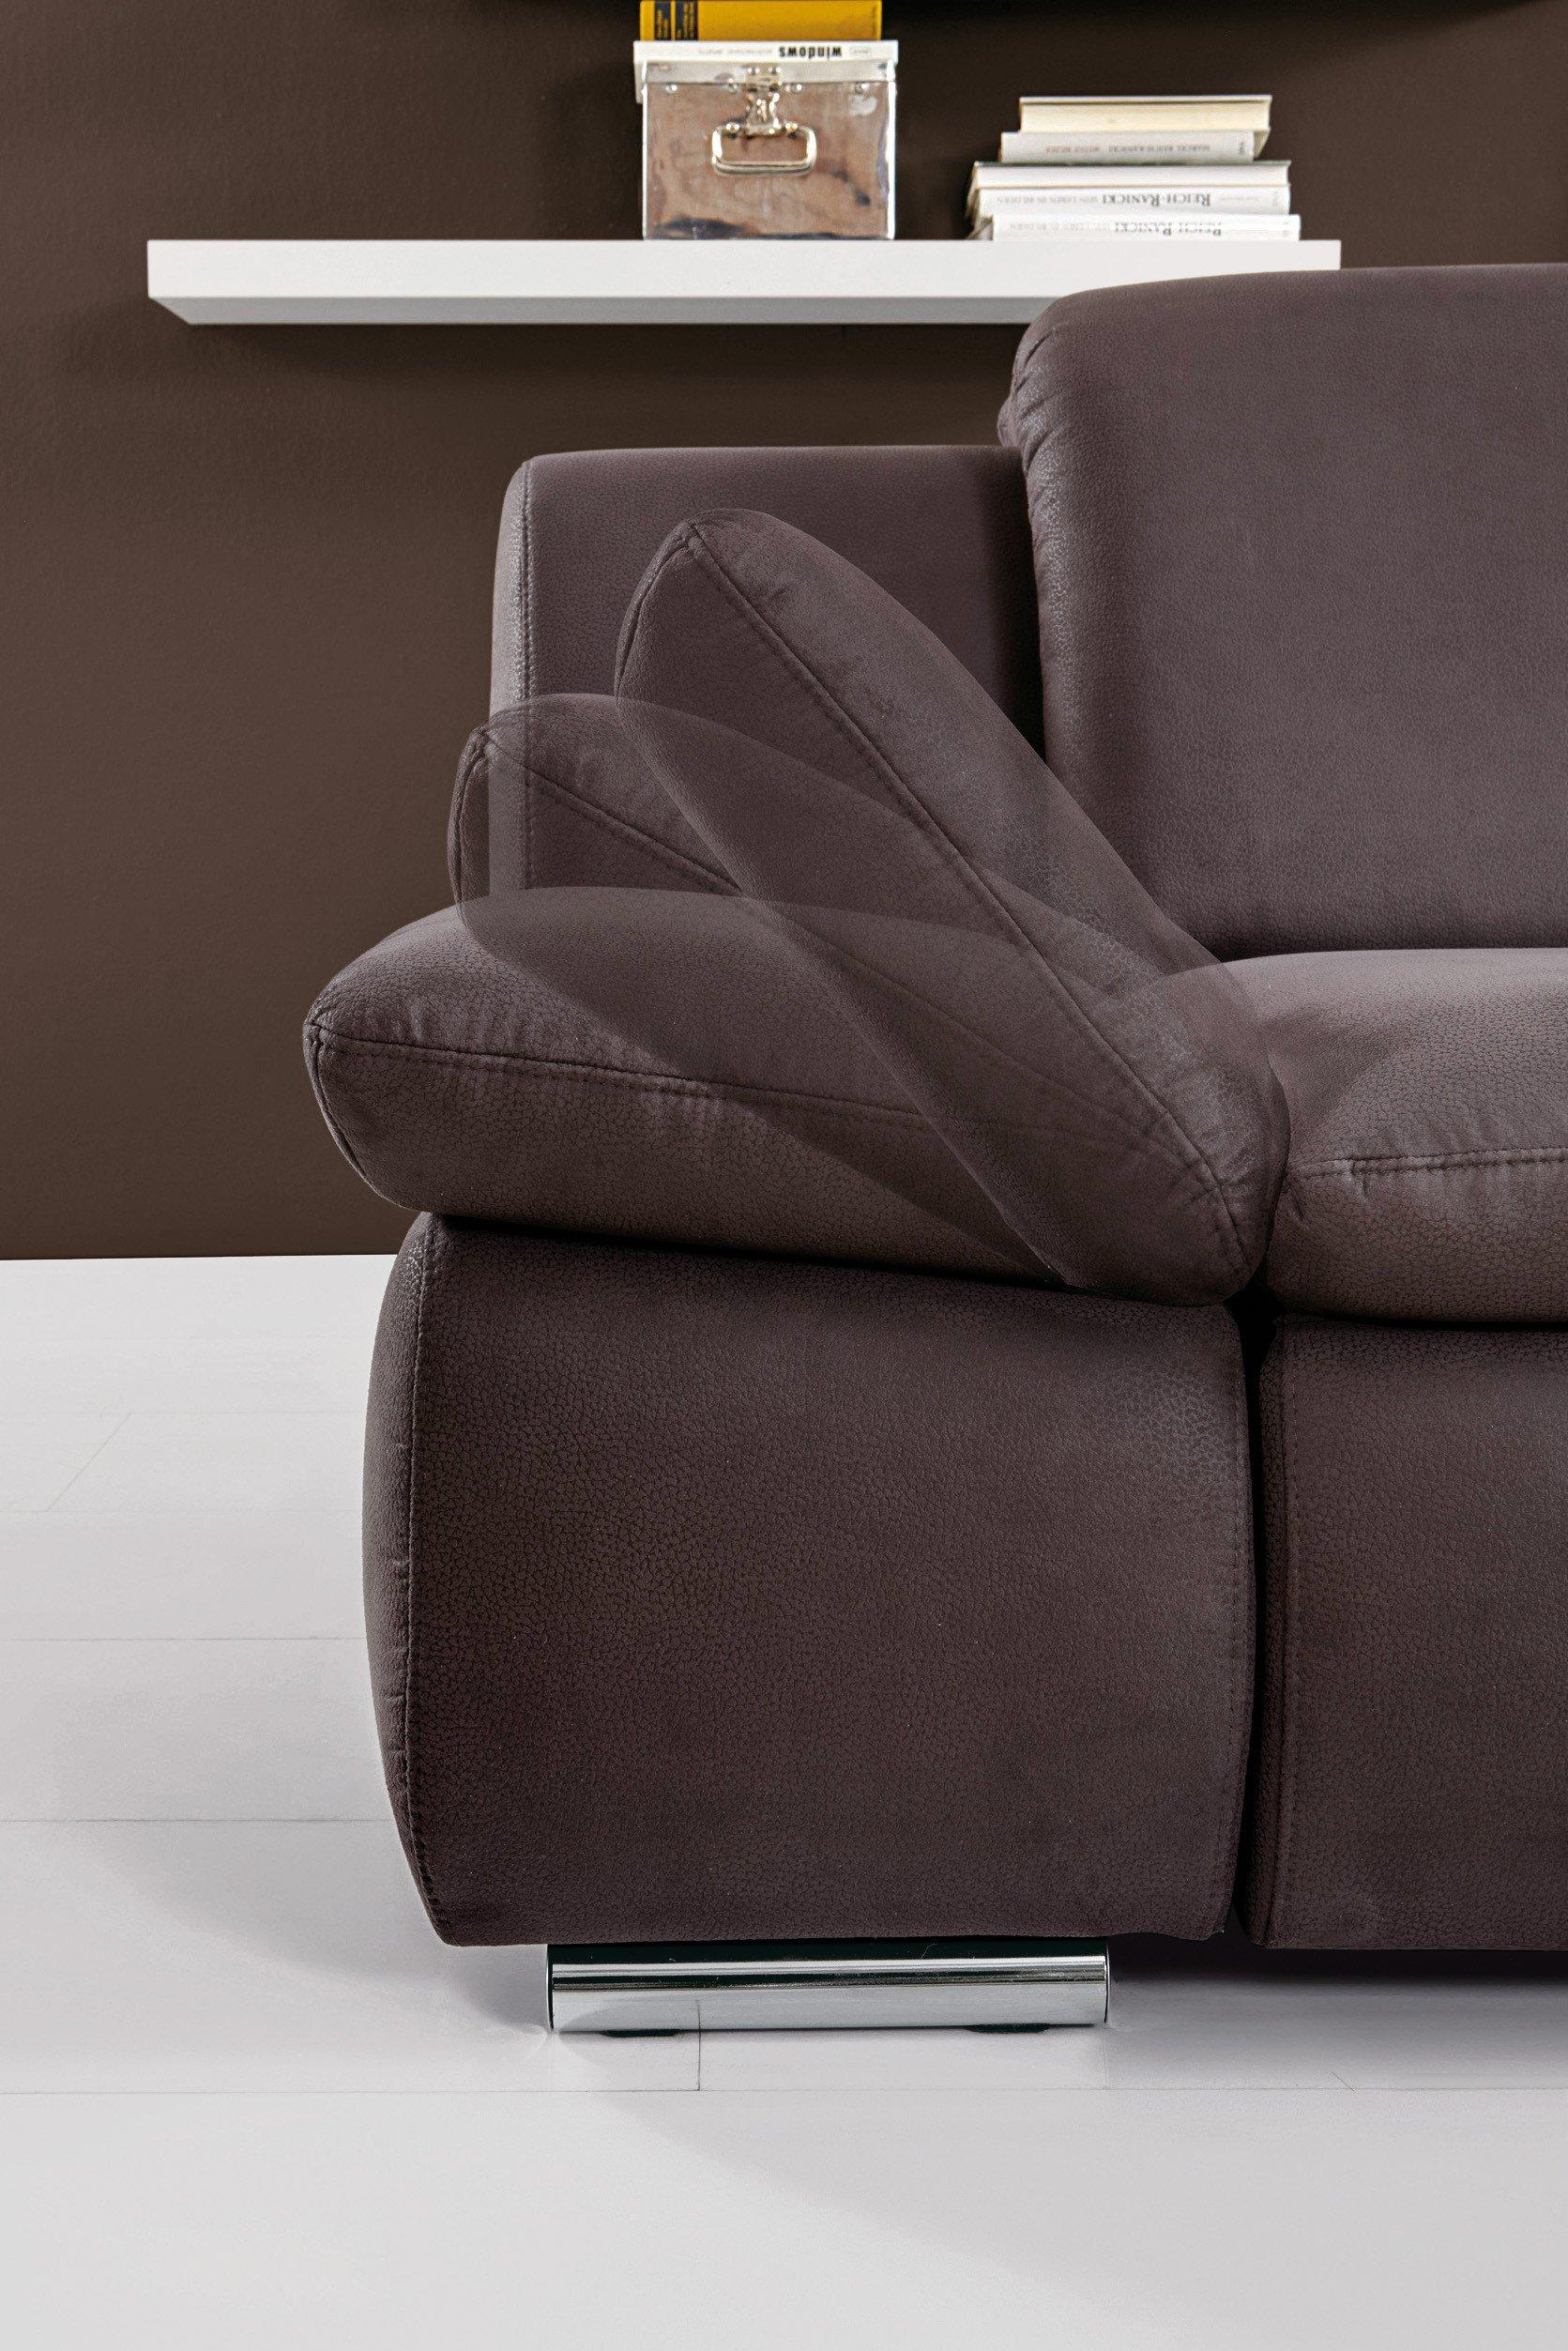 wohnlandschaft isona in anthrazit von poco m bel letz ihr online shop. Black Bedroom Furniture Sets. Home Design Ideas